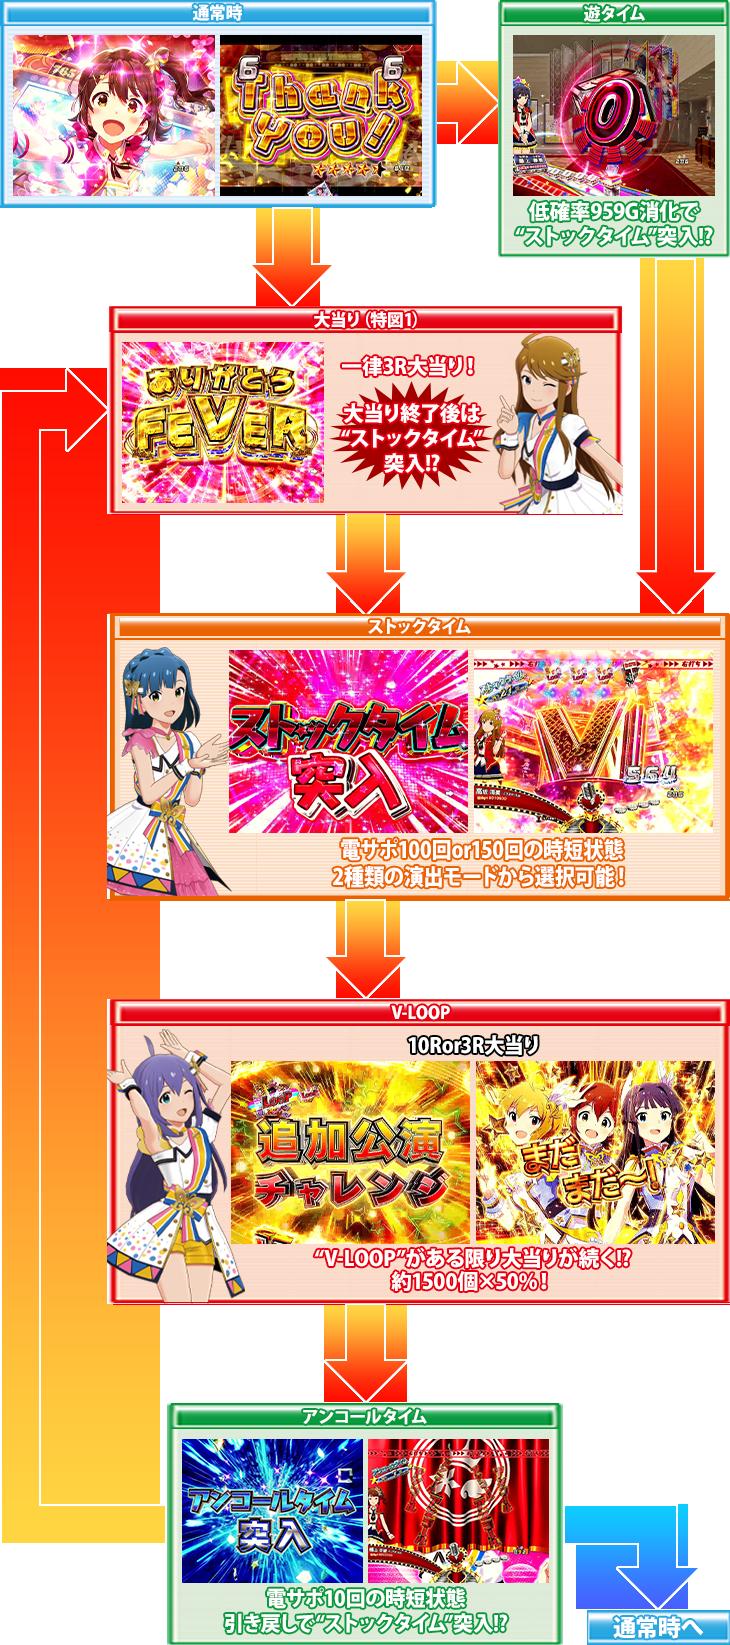 Pフィーバー アイドルマスター ミリオンライブ!のゲームフロー